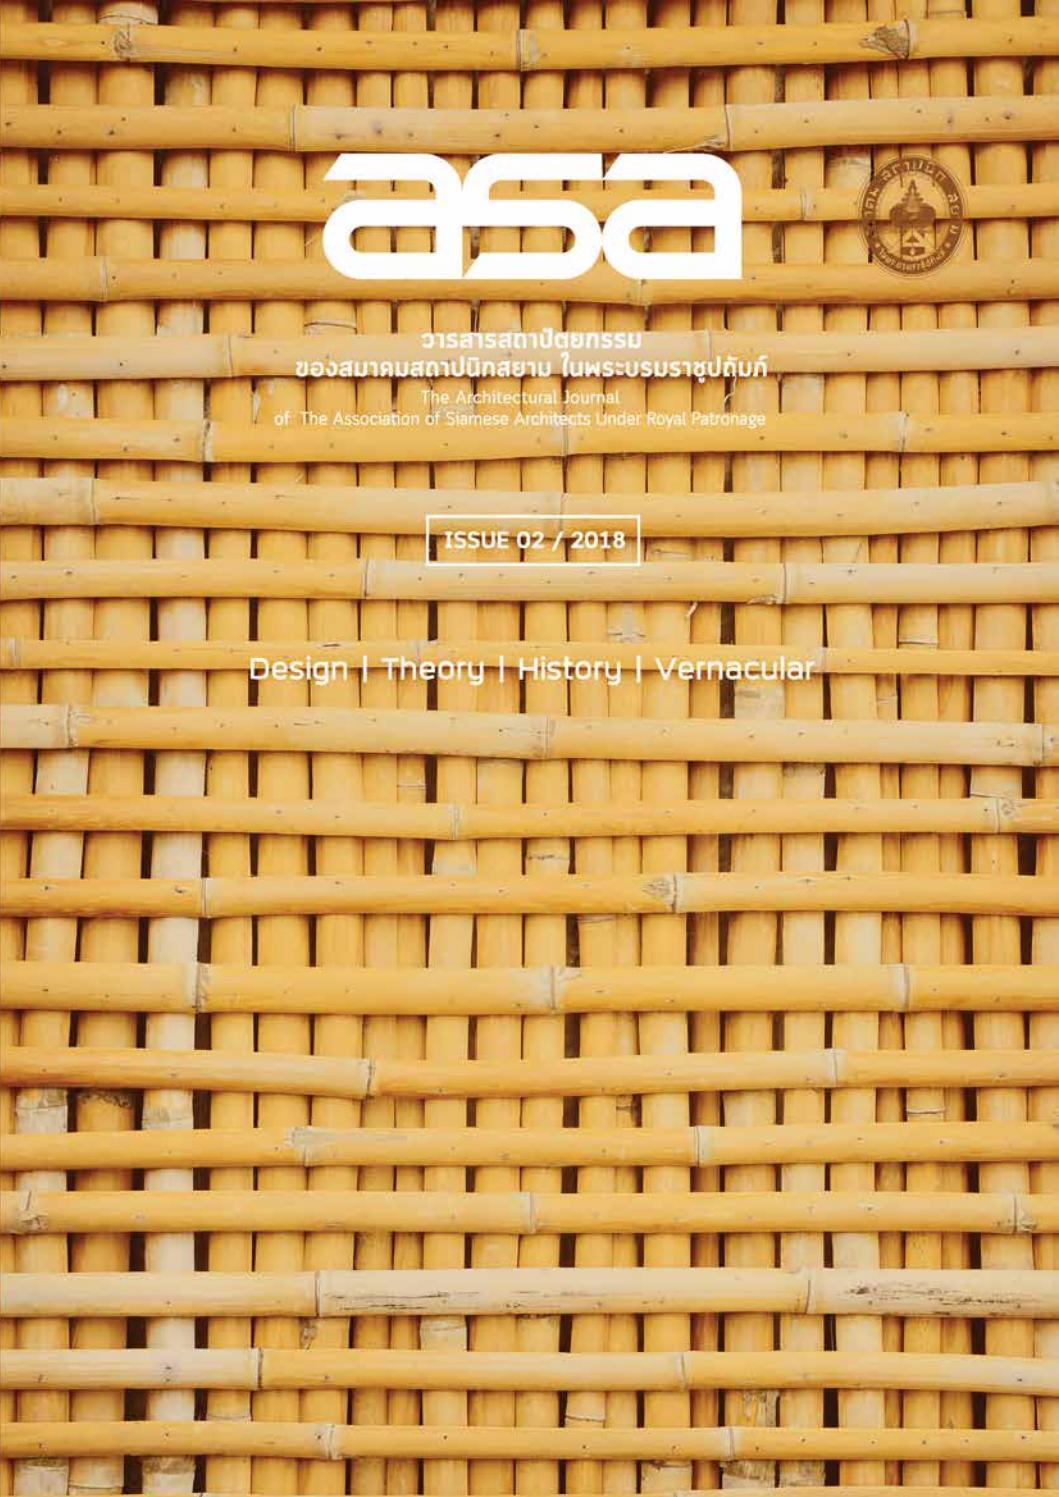 Asa Academic Issue 02 2018 By Werapon Chiemvisudhi Issuu